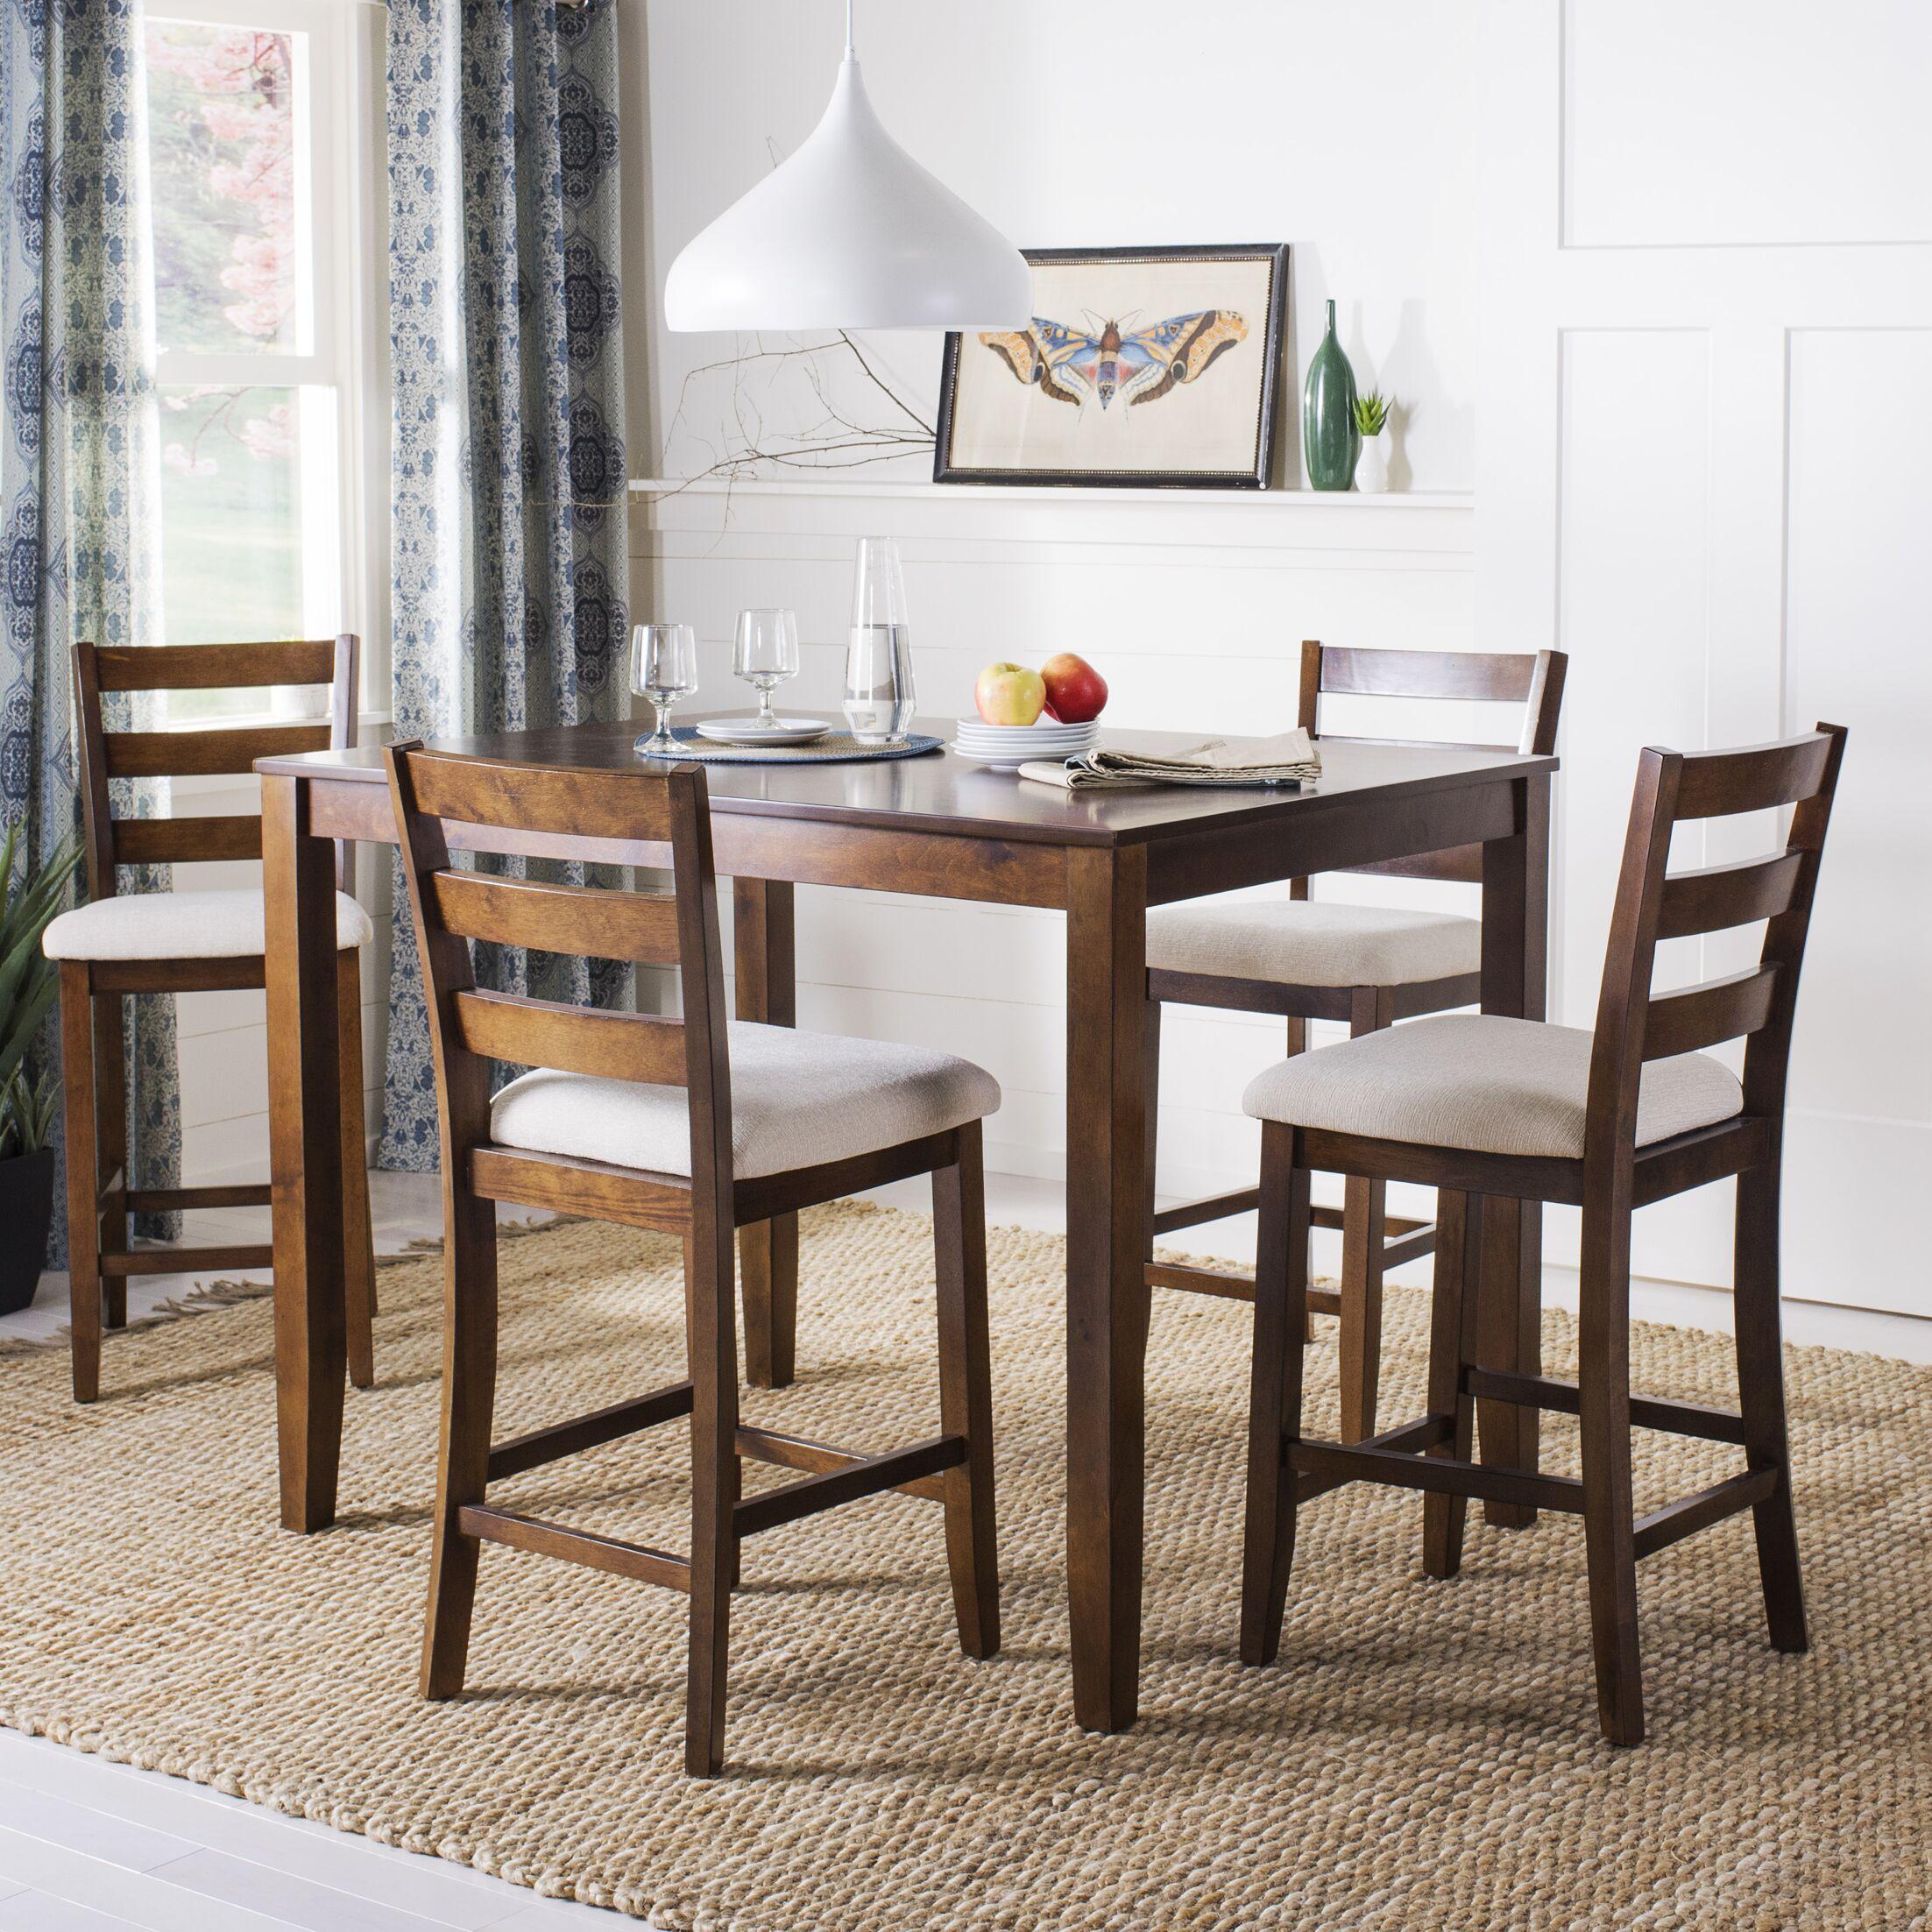 Hervey Bay 5 Piece Pub Table Set